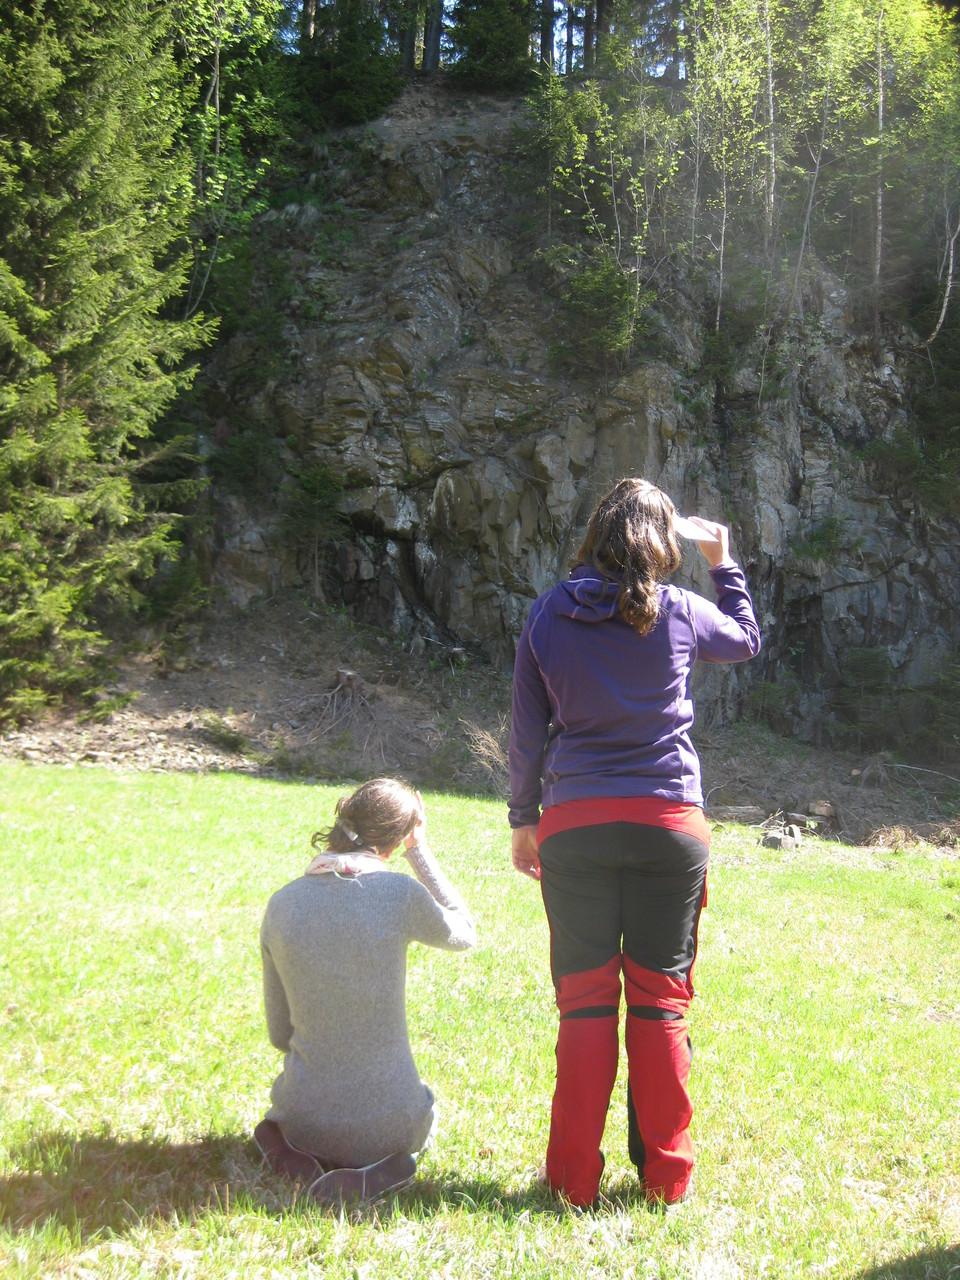 Zweifeln begegnen. Eine Felswand - beängstigend oder herausfordernd?